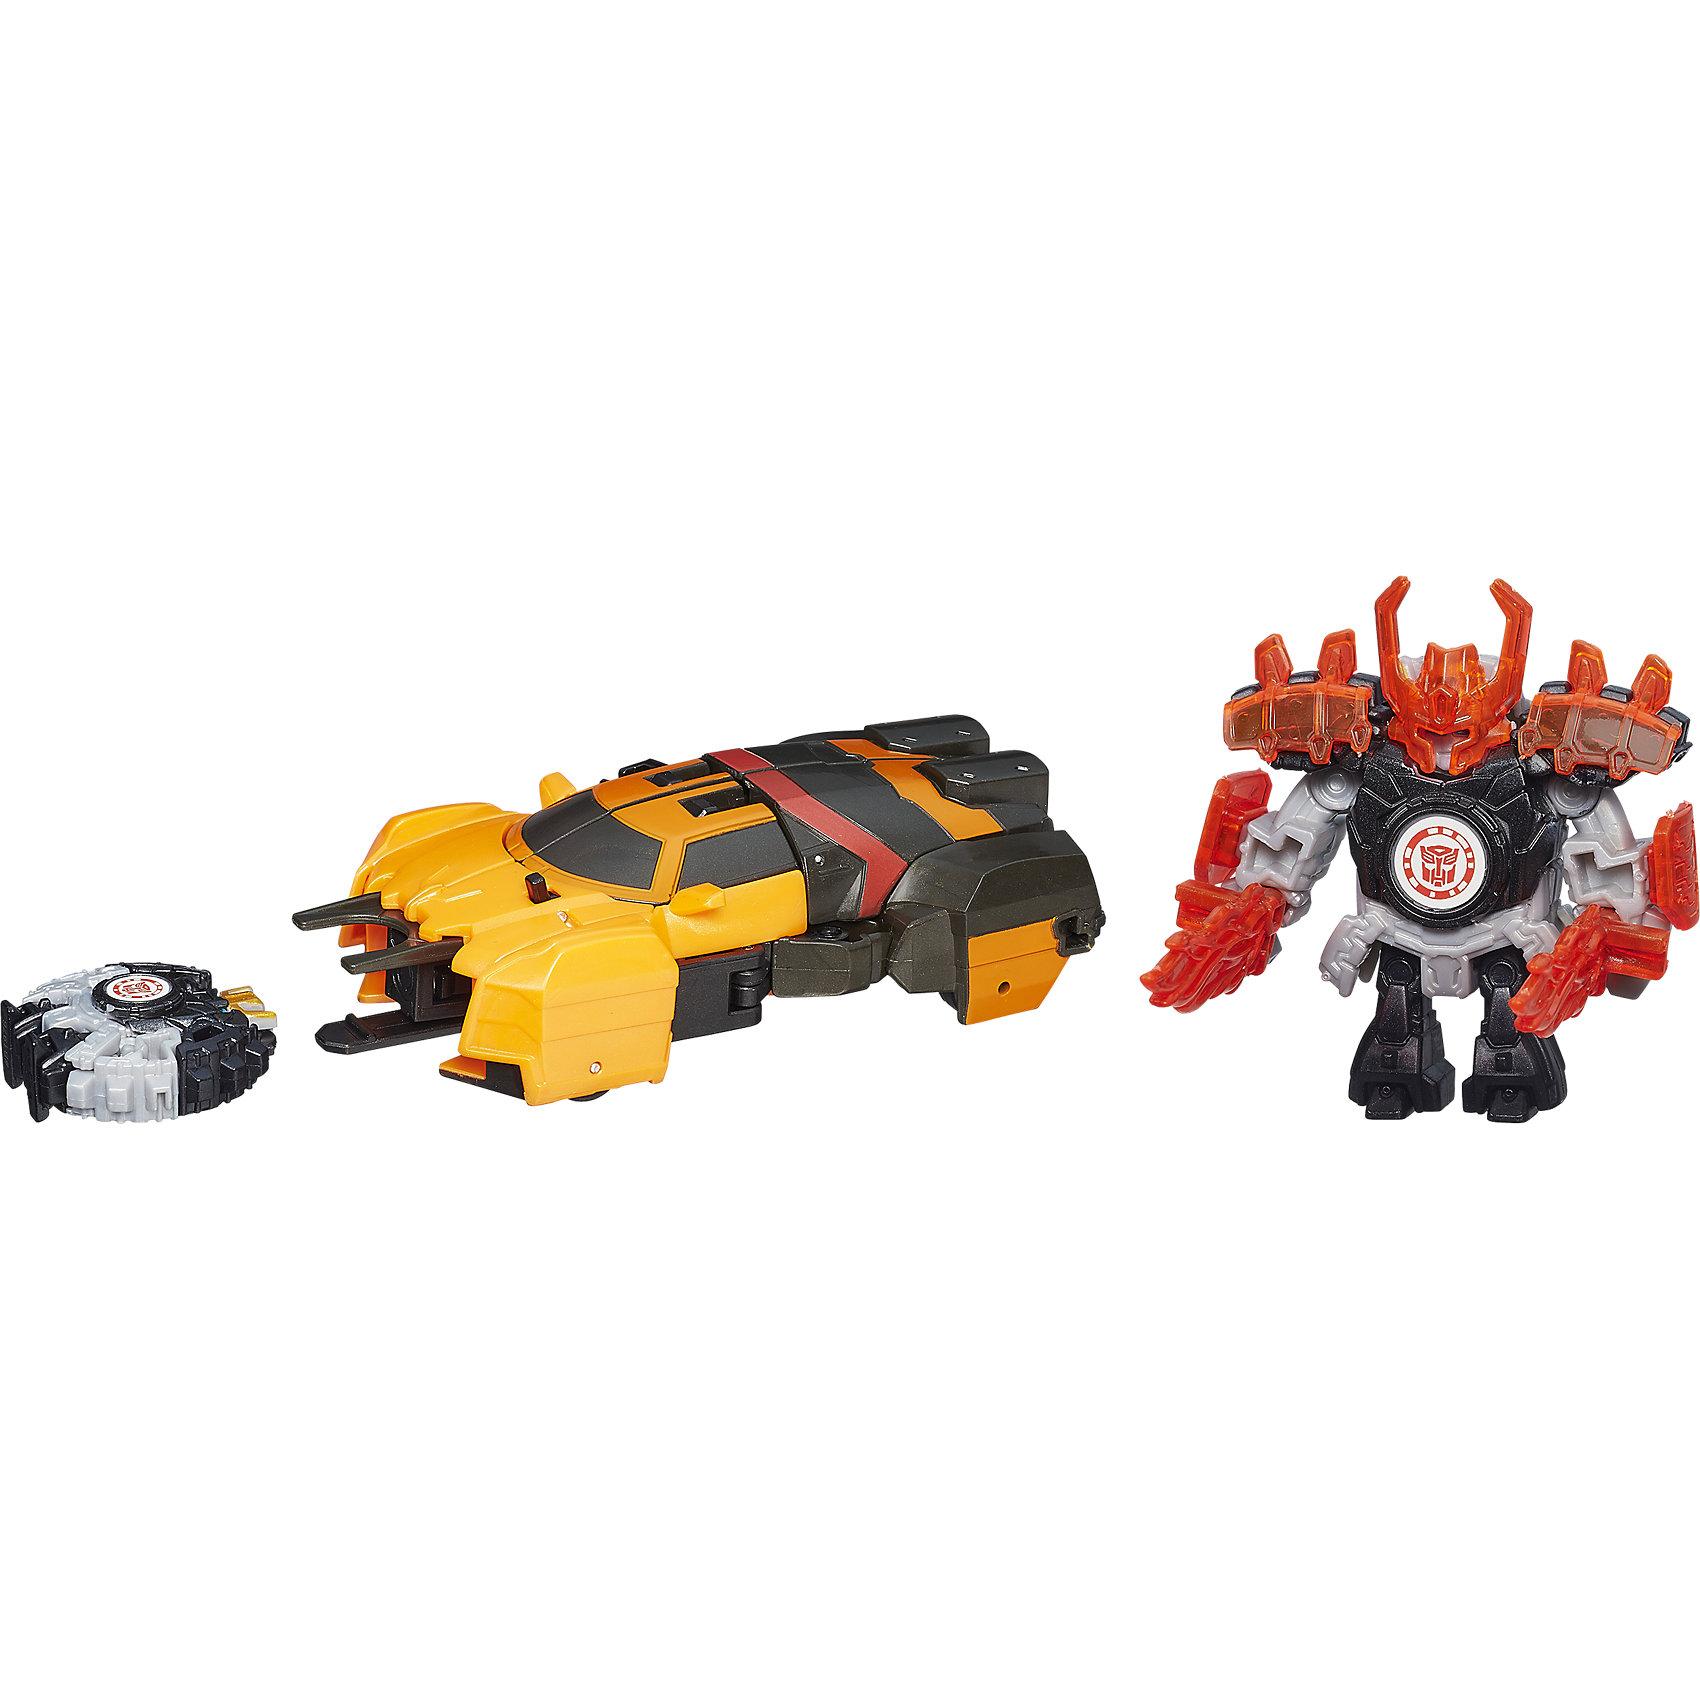 Миниконы Деплойерс, Роботс-ин-Дисгайс, ТрансформерыФигурки героев<br>Миниконы Деплойерс, Роботс-ин-Дисгайс, Трансформеры.<br><br>Характеристики:<br><br>- В наборе: робот-трансформер, миникон, аксессуары для миникона<br>- В ассортименте 4 набора: Автобот Дрифт и миникон Джетсторм (цвет оранжевый, 8 шагов трансформации у Дрифта); Десептикон Фракшер и миникон Эйрезор (цвет фиолетовый, 7 шагов трансформации у Фракшера); Десептикон Оверлоад и миникон Бектрек (цвет: голубой, 10 шагов трансформации у Оверлоада); Автобот Дрифт и миникон Джетсторм (цвет голубой, 7 шагов трансформации у Дрифта)<br>- Высота робота-трансформера: 13 см.<br>- Материал: пластик<br>- Размер упаковки: 22,8х20,3х6,3 см.<br><br>- ВНИМАНИЕ! Данный артикул представлен в разных вариантах исполнения. К сожалению, заранее выбрать определенный вариант невозможно. При заказе нескольких наборов возможно получение одинаковых<br><br>Набор изготовлен по мотивам популярного мультсериала «Транформеры: роботы под прикрытием» сюжет, которого разворачивается вокруг бесконечного противоборства двух фракций разумных машин с планеты Кибертрон. На помощь большим Трансформерам всегда готовы помочь миниатюрные разумные роботы миниконы. Объединяясь с большими роботами, они наделяют их дополнительными возможностями. В наборе Вы найдете робота-трансформера и миникона, который может увеличить огневую мощь робота в разы. Они прекрасно дополняют друг друга. Робот трансформируется в машину с пусковым механизмом для снаряда. Миникон в одно движение группируется в снаряд для машины. Теперь команда может работать в вместе: снаряд вставляется в пусковой механизм и выстреливается на достаточно большое расстояние! Для того, чтобы усилить мощность миникона, можно использовать боевое снаряжение, входящее в комплект. Персонажей можно активировать в онлайн игре отсканировав наклейки на фигурках. Набор, несомненно, покорит сердца мальчишек, любящих истории о битвах фантастических роботов.<br><br>Набор Миниконы Деплойерс, Роботс-ин-Дисгайс, 